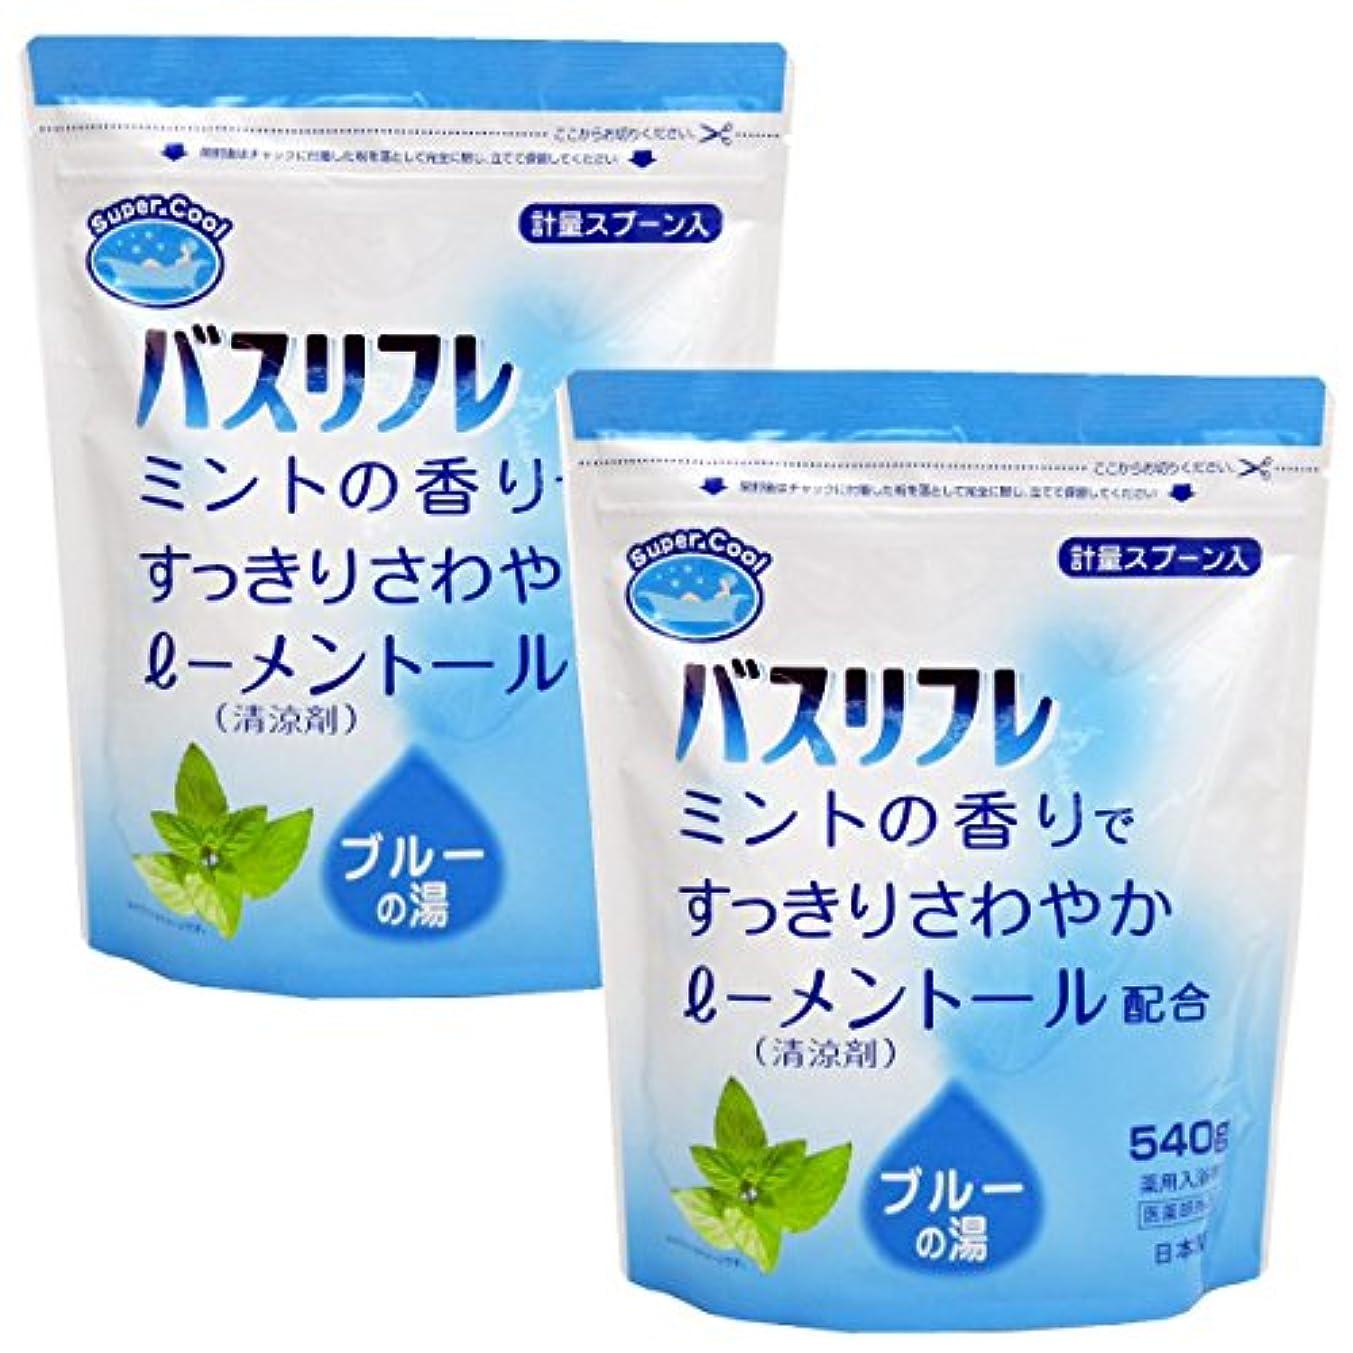 りんご絶対のエアコン入浴剤 クール 薬用入浴剤 バスリフレ スーパークール540g×2個セット 日本製